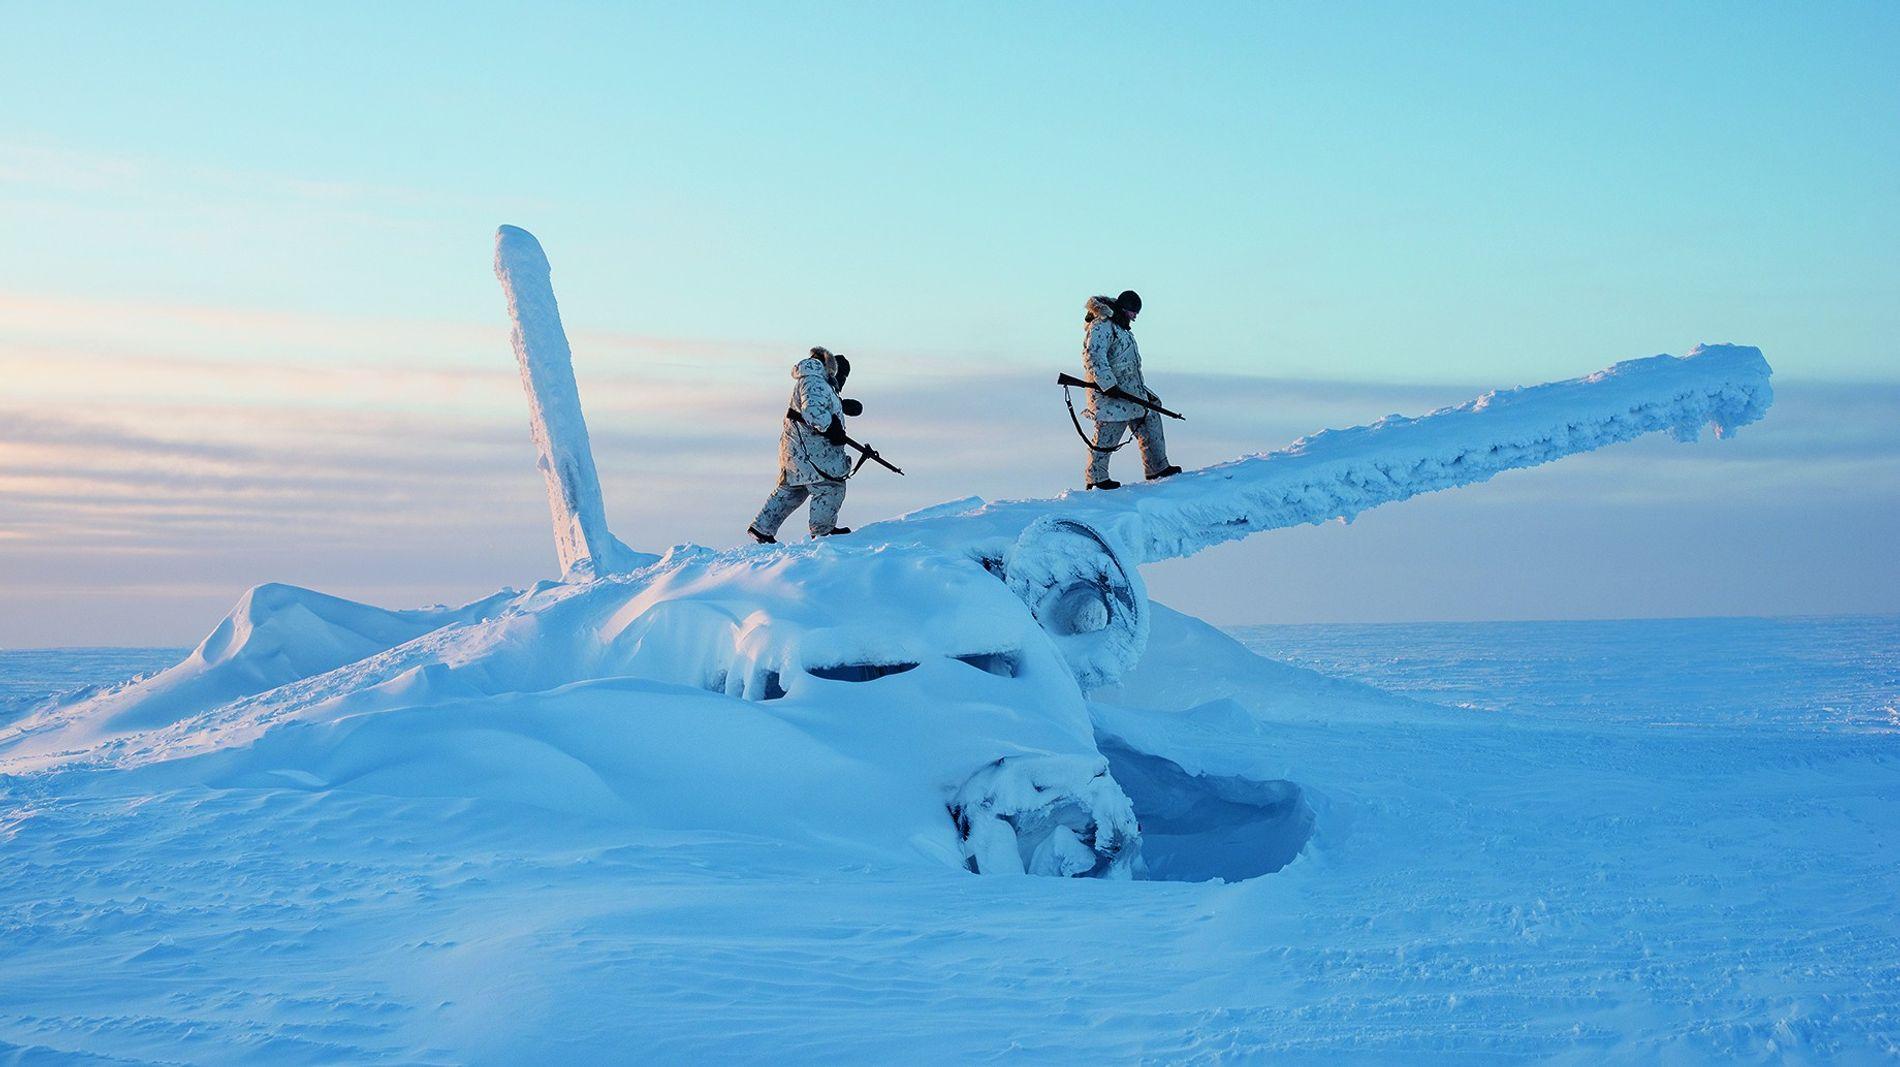 Etwa 1600 Kilometer südlich des Nordpols verschaffen sich kanadische Soldaten auf Cornwallis Island von einem Flugzeugwrack aus einen Überblick. Mit der Erwärmung des Polargebiets steigt die Uneinigkeit über dessen künftige Nutzung.